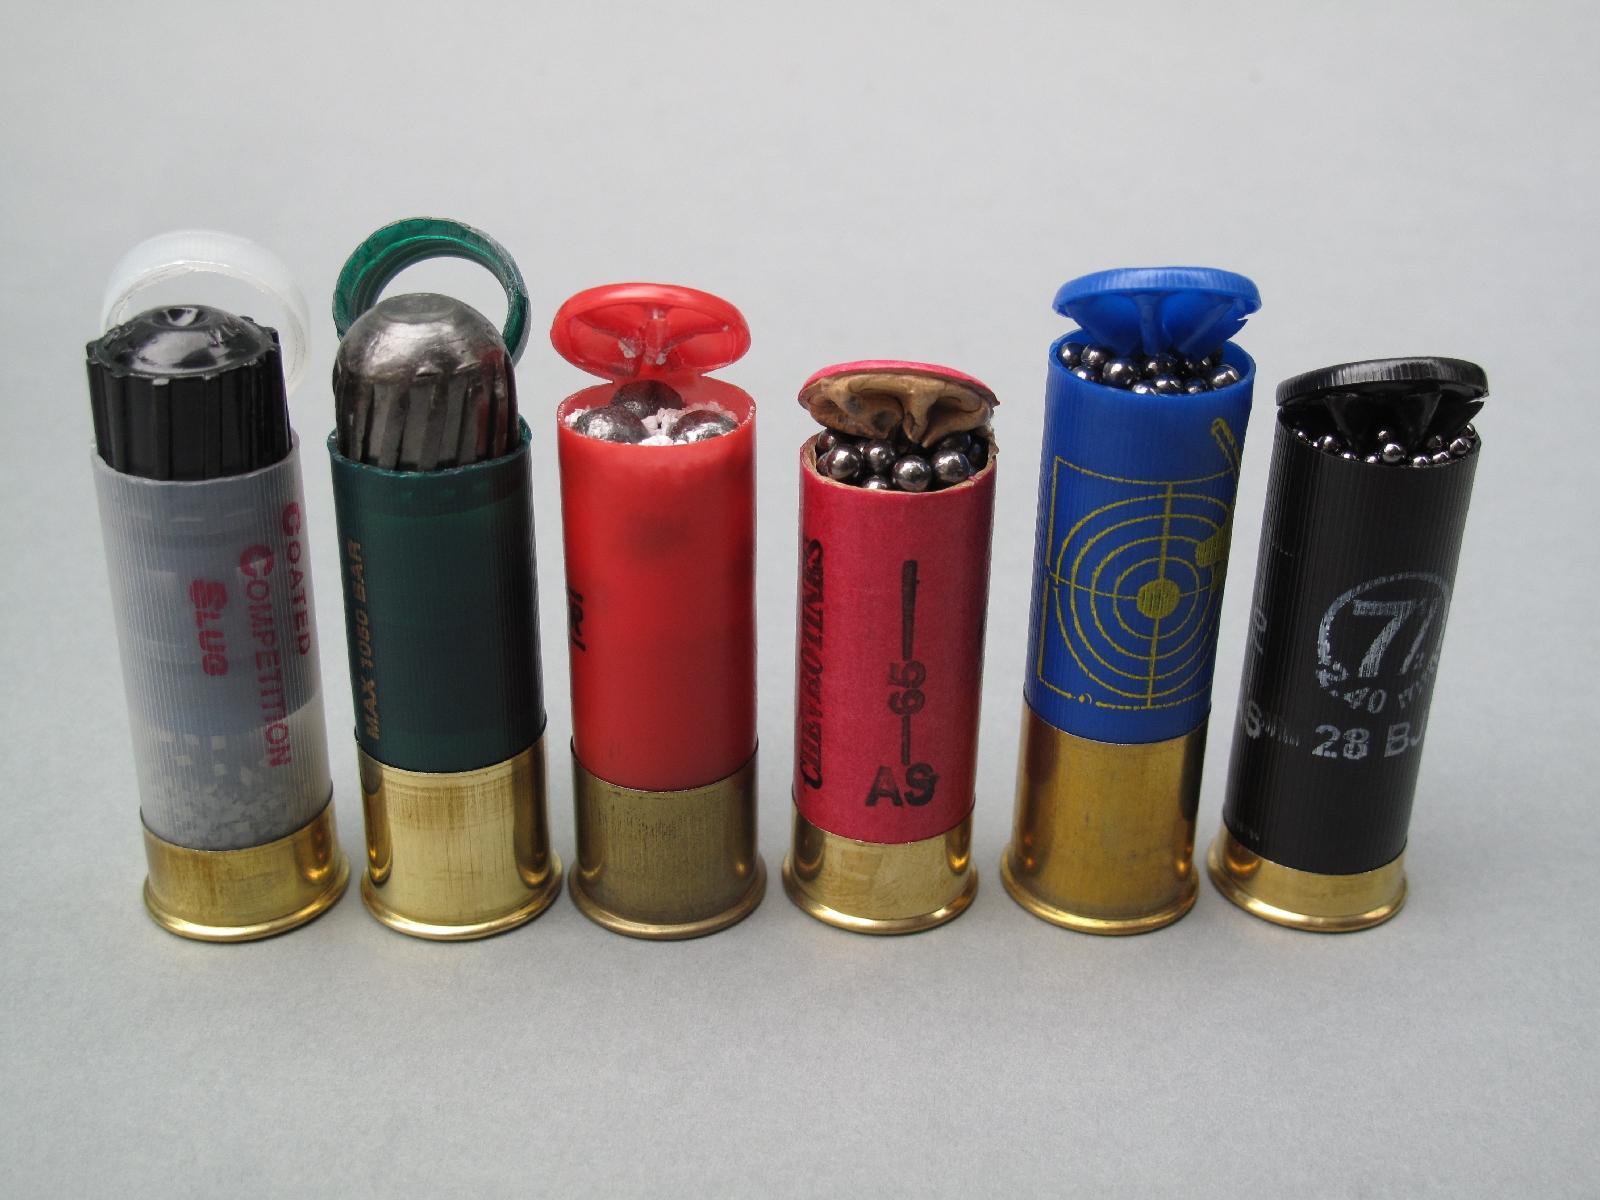 Diverses cartouches que nous avons testées dans cette arme, de gauche à droite : Geco « Coated Competition Slug » à balle recouverte de téflon ; Remington « Slugger » ; Winchester à chevrotine 9 grains ; ASTG « Antic » à chevrotine « 00 » ; CFA Spéciale Magnum à plombs n° 2 ; ASTG « cartouche de merde » à plombs n° 7 ½.